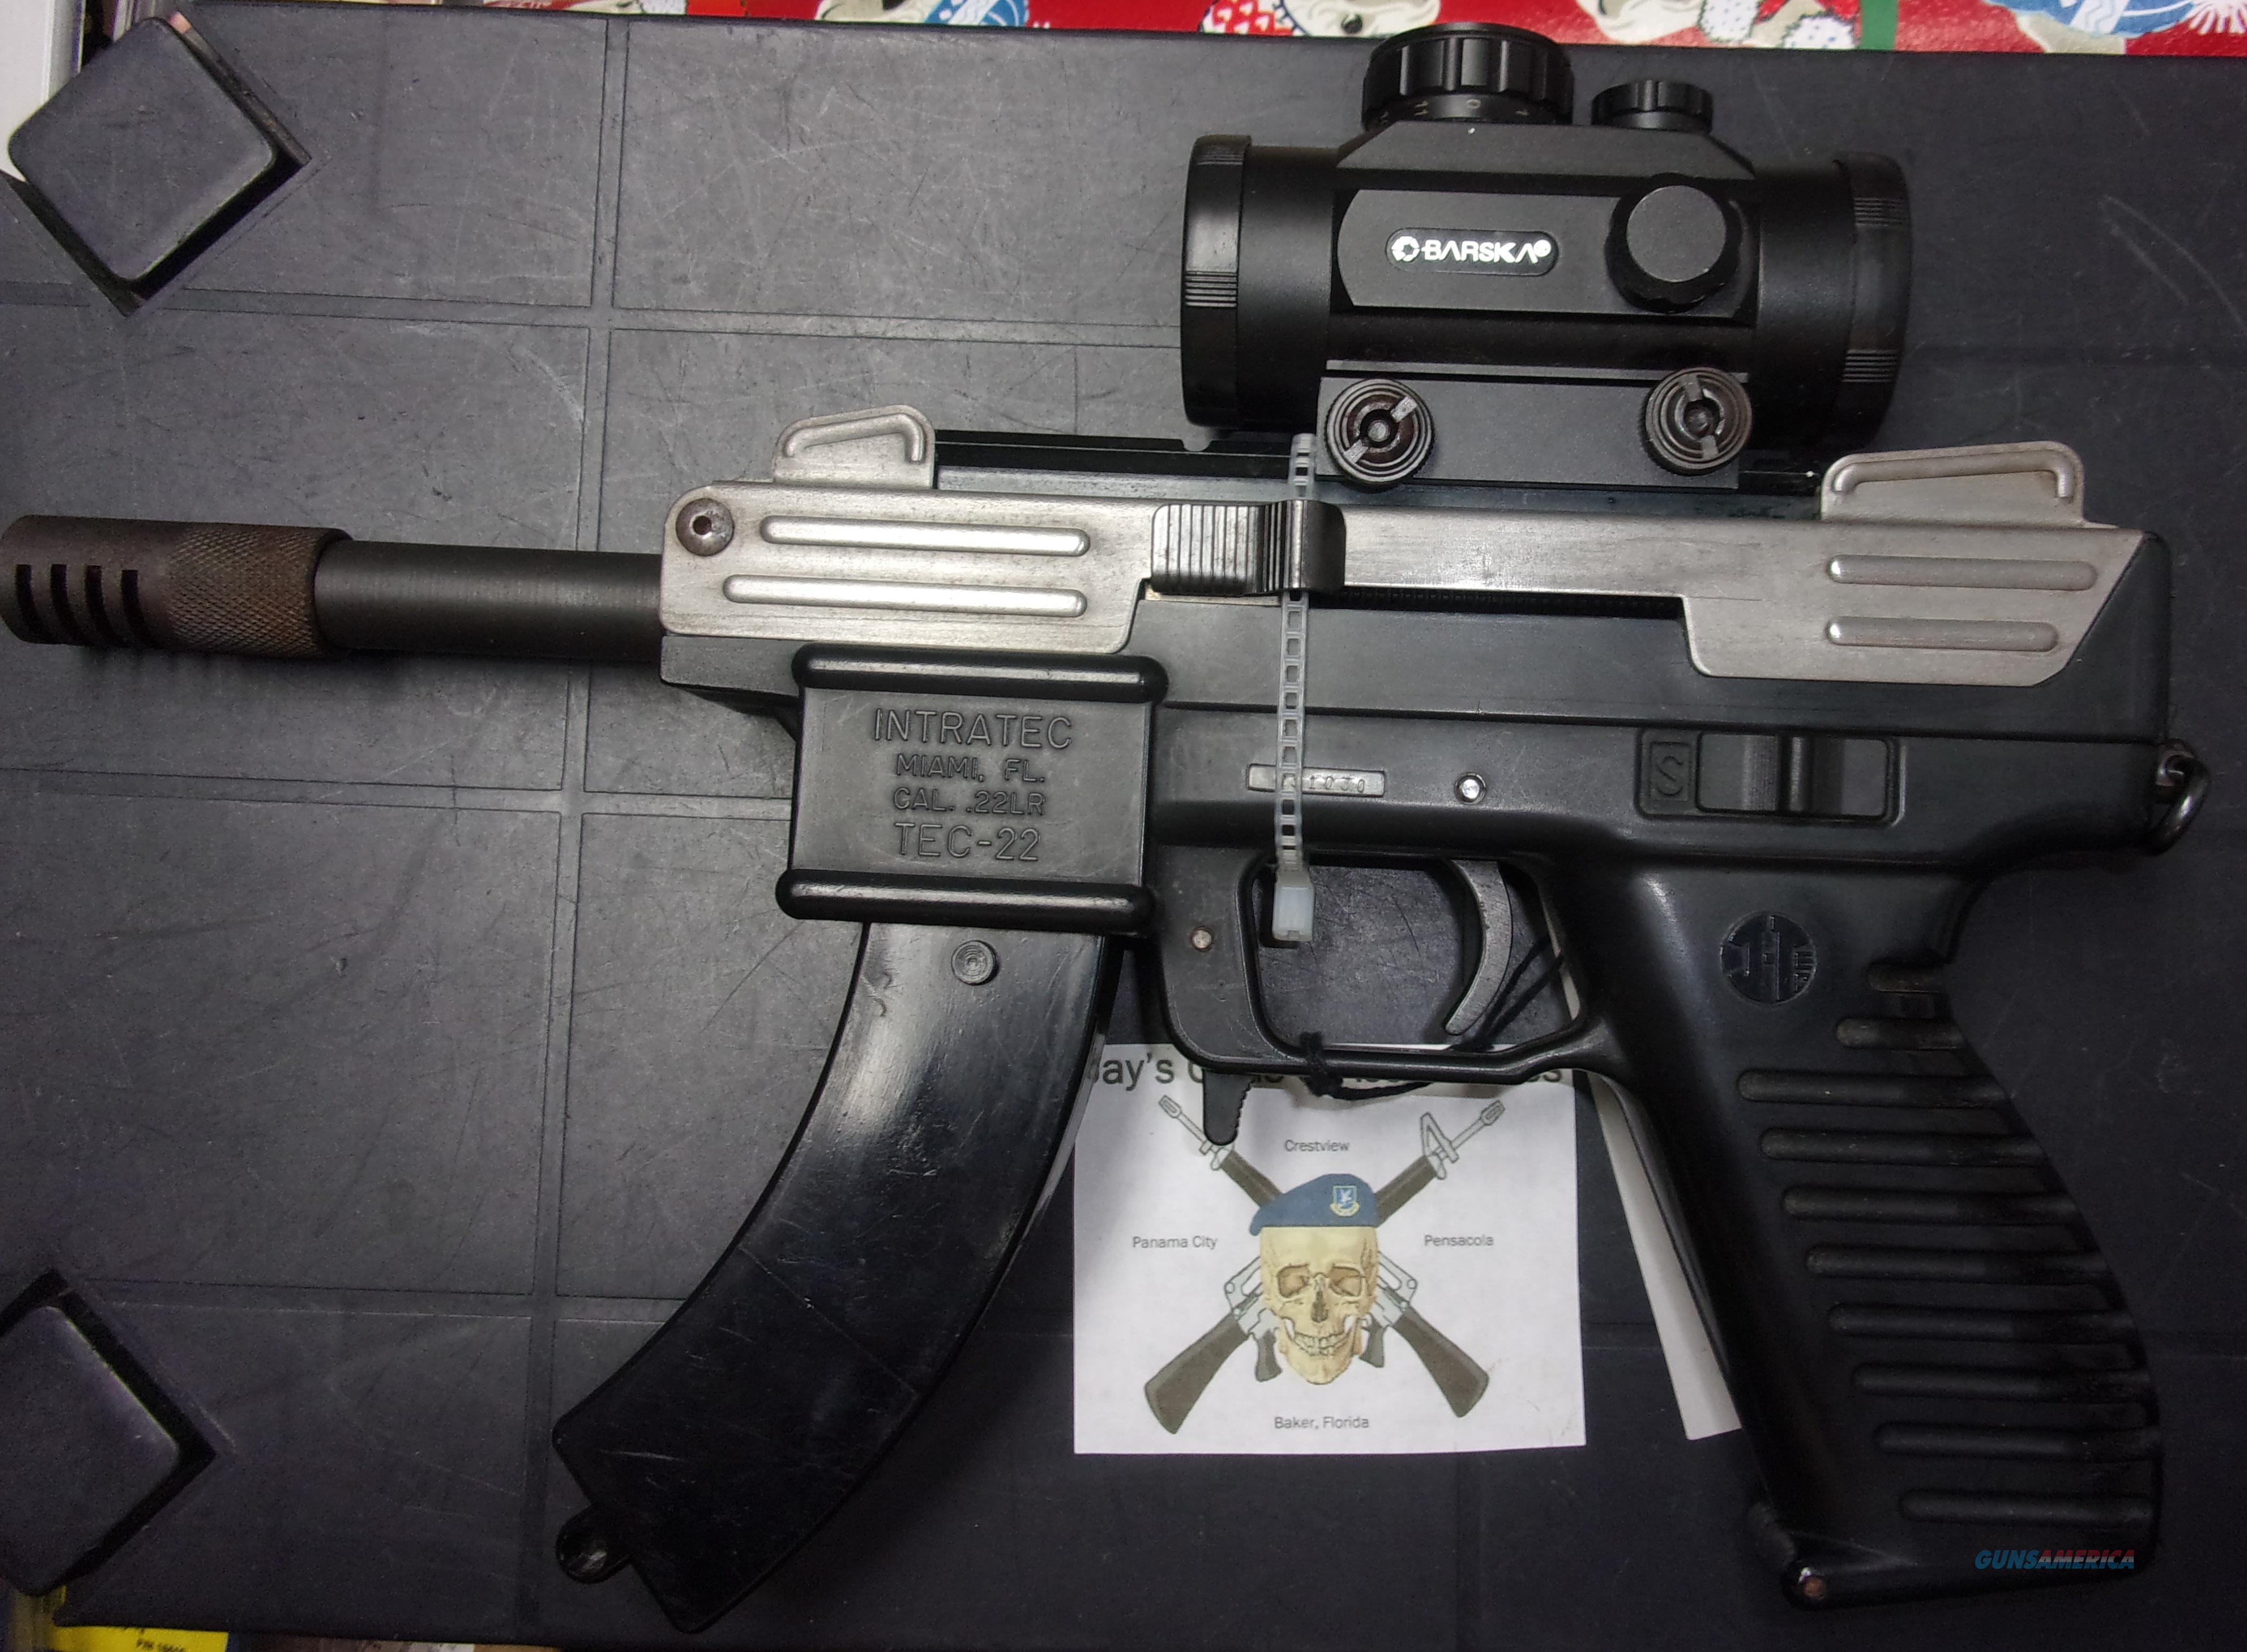 Intratec TEC-22 (Pre-Ban)  Guns > Pistols > Intratec Pistols